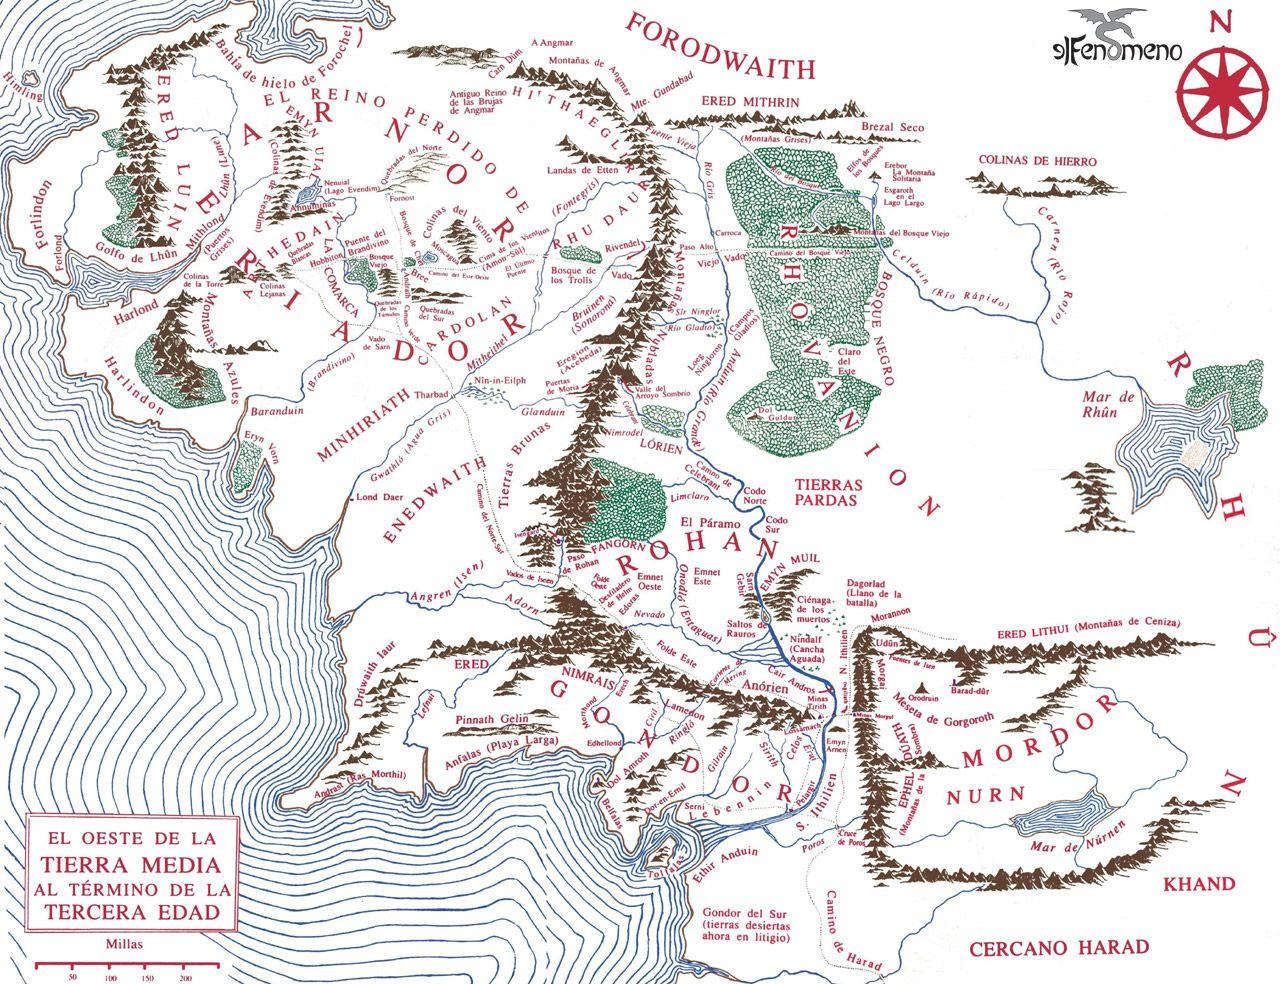 Mapa De La Tierra Media Multimedia Ilustraciones Dibujos Y